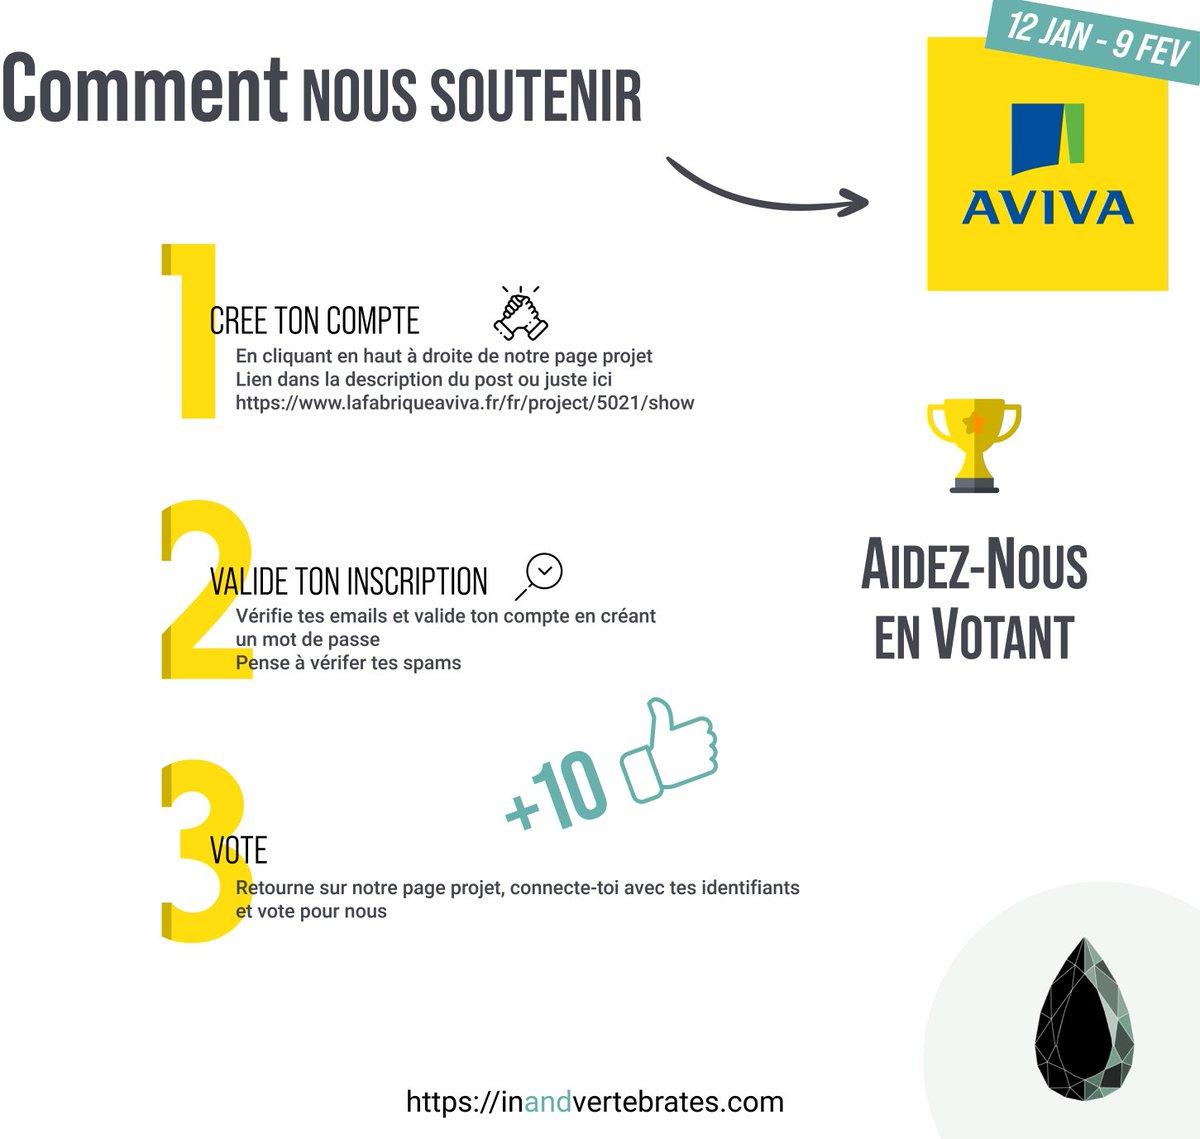 Nous avons besoin de vous pour gagner le #concours @LaFabriqueAviva 💪🏼 Suivez le tuto et venez voter pour nous ! 👉🏻  #LaFabriqueAviva #oncomptesurvous